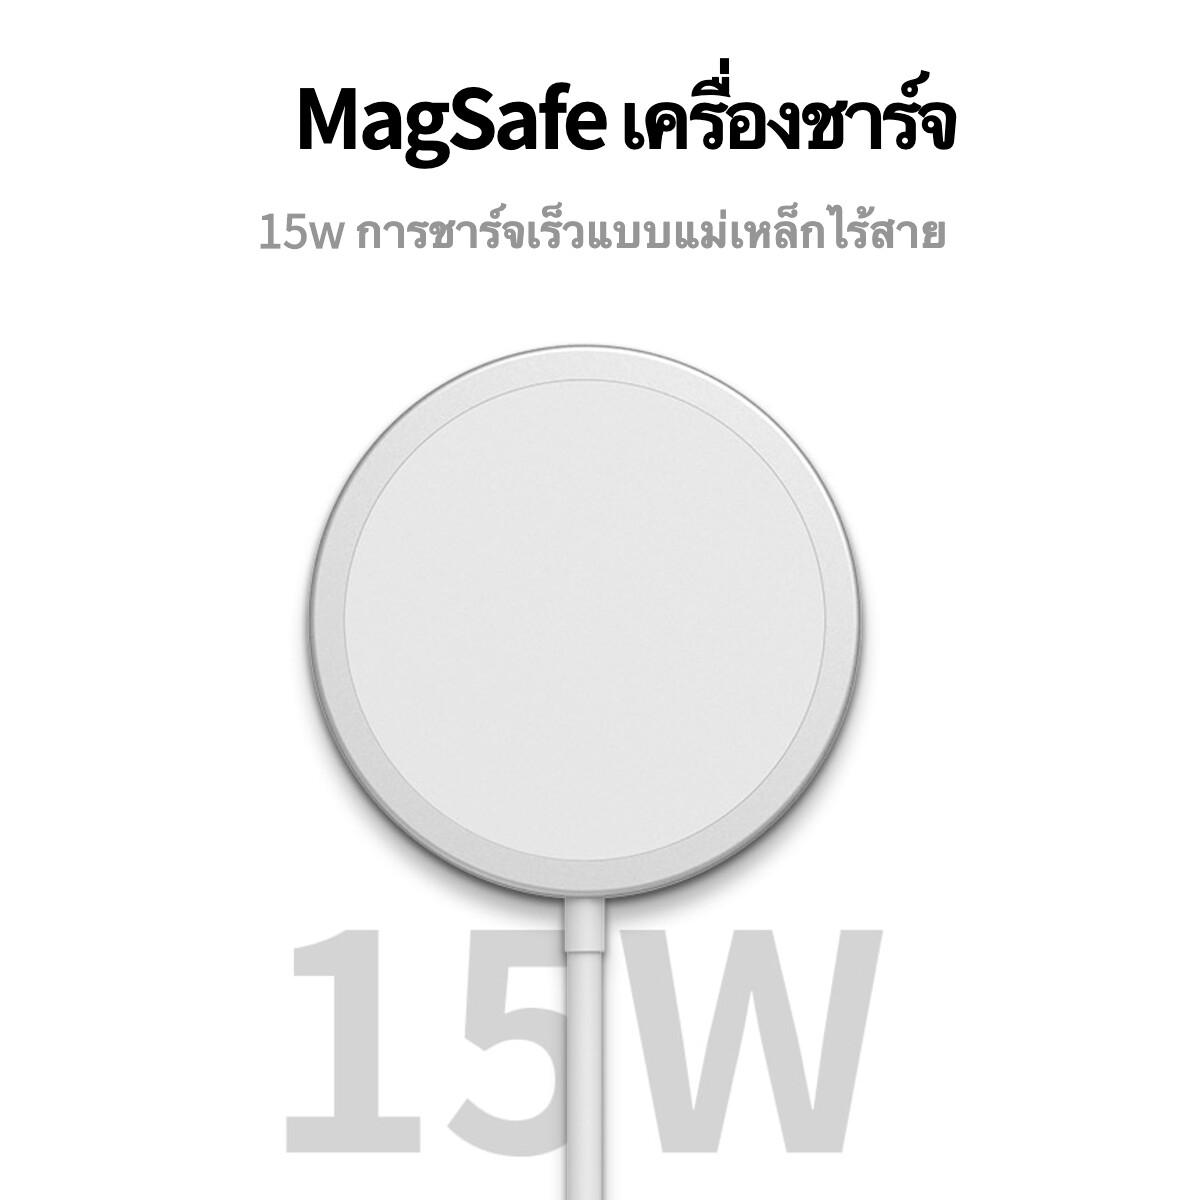 [ทักแชทรับคูปอง] Magsafe For Apple Iphone 12 Pro Max Mini ที่ชาร์จไร้สาย Quick Wireless Charger Pd Type-C 15w 20w 5v/2a 9v/2.2a Charging Qi Fast Charge Chager แท่นชาร์จไร้สาย ชาร์จเร็ว ชาร์จแบตไร้สาย ชาร์จไร้สาย.